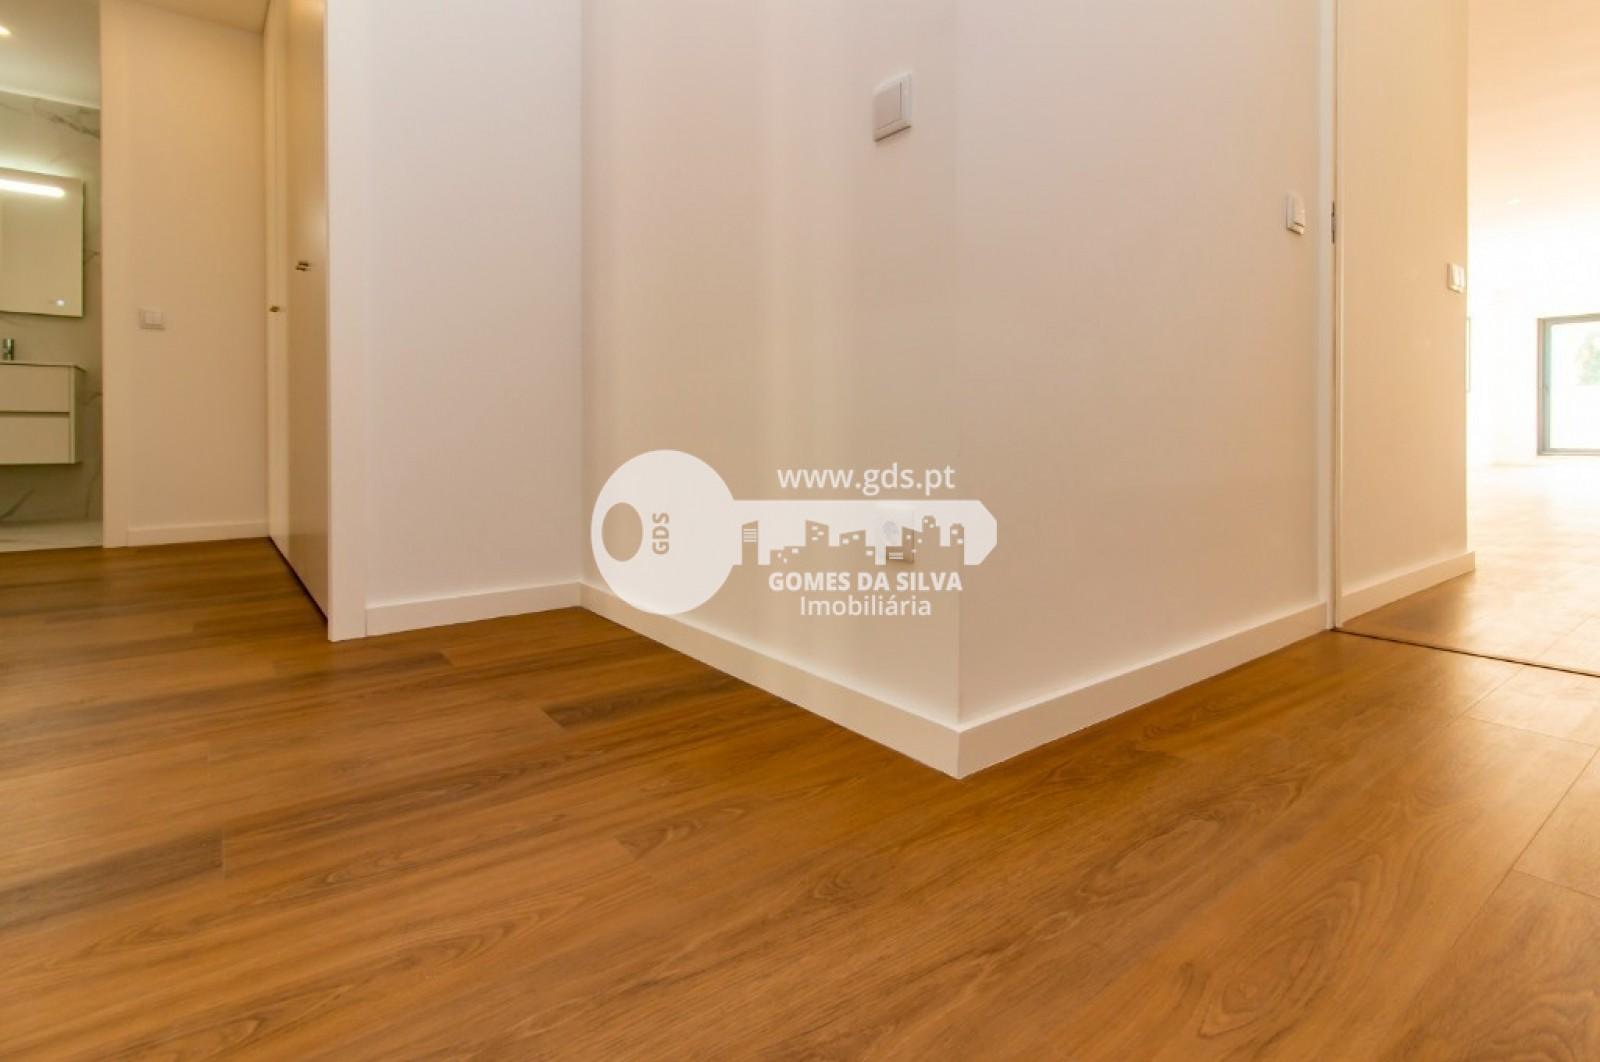 Apartamento T3 para Venda em São Vicente, Braga, Braga - Imagem 8